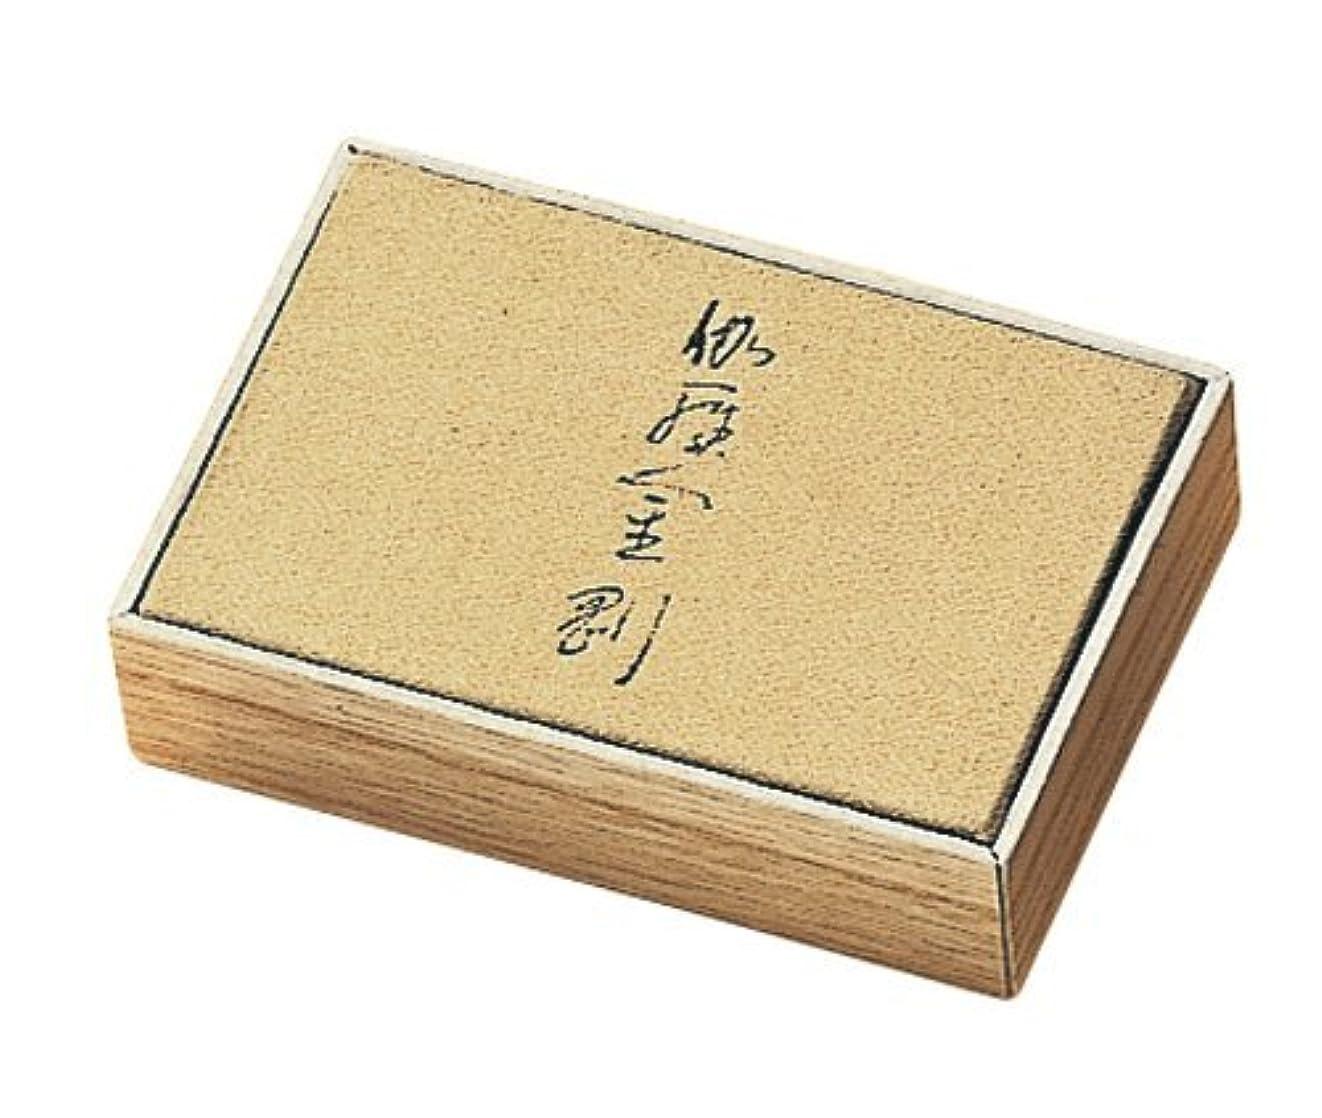 混合ポゴスティックジャンプ魅力的であることへのアピール香木の香りのお香 伽羅金剛 スティック150本入